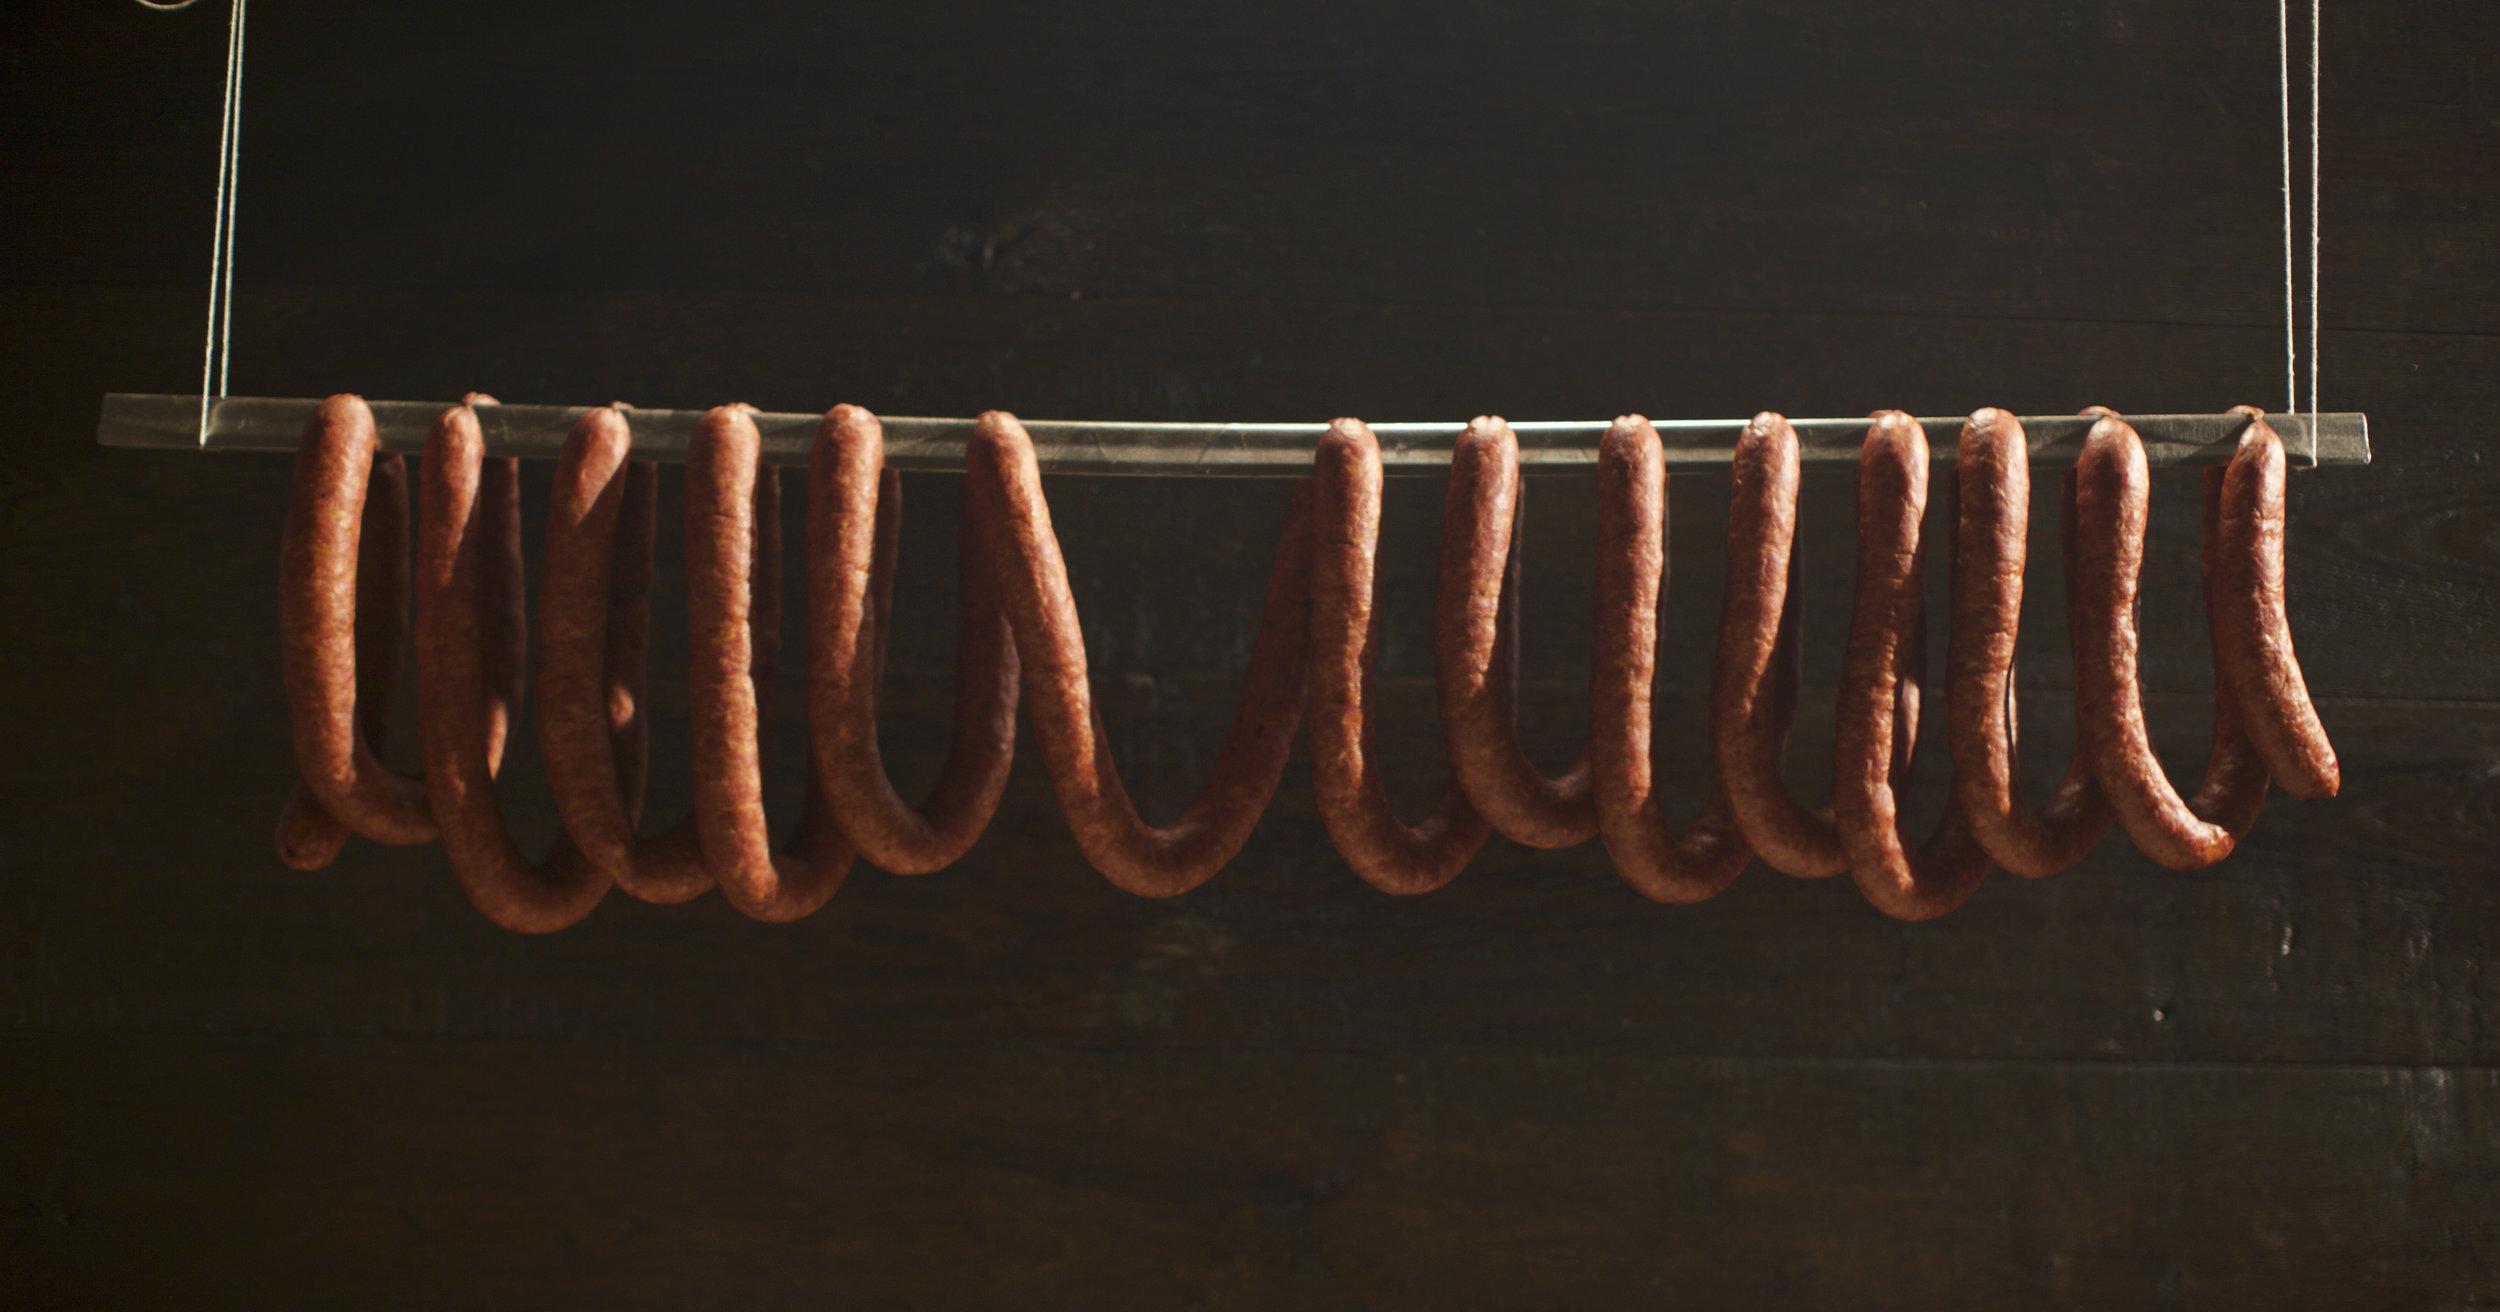 Veron Sausage Photo